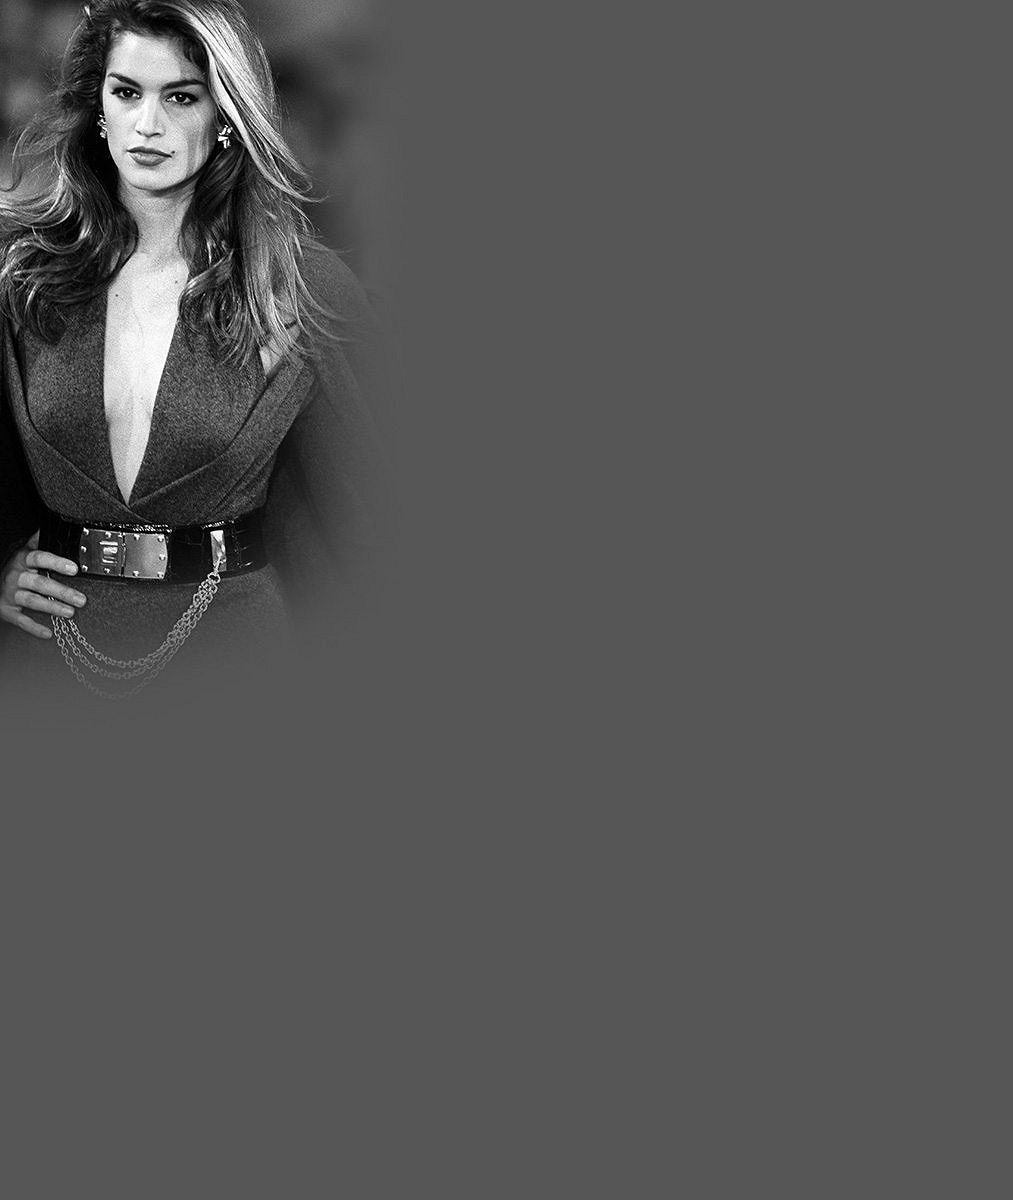 Cindy Crawford šla s reálnou kůží na trh: Její nedokonalá fotka v prádle bez retuše je senzací!